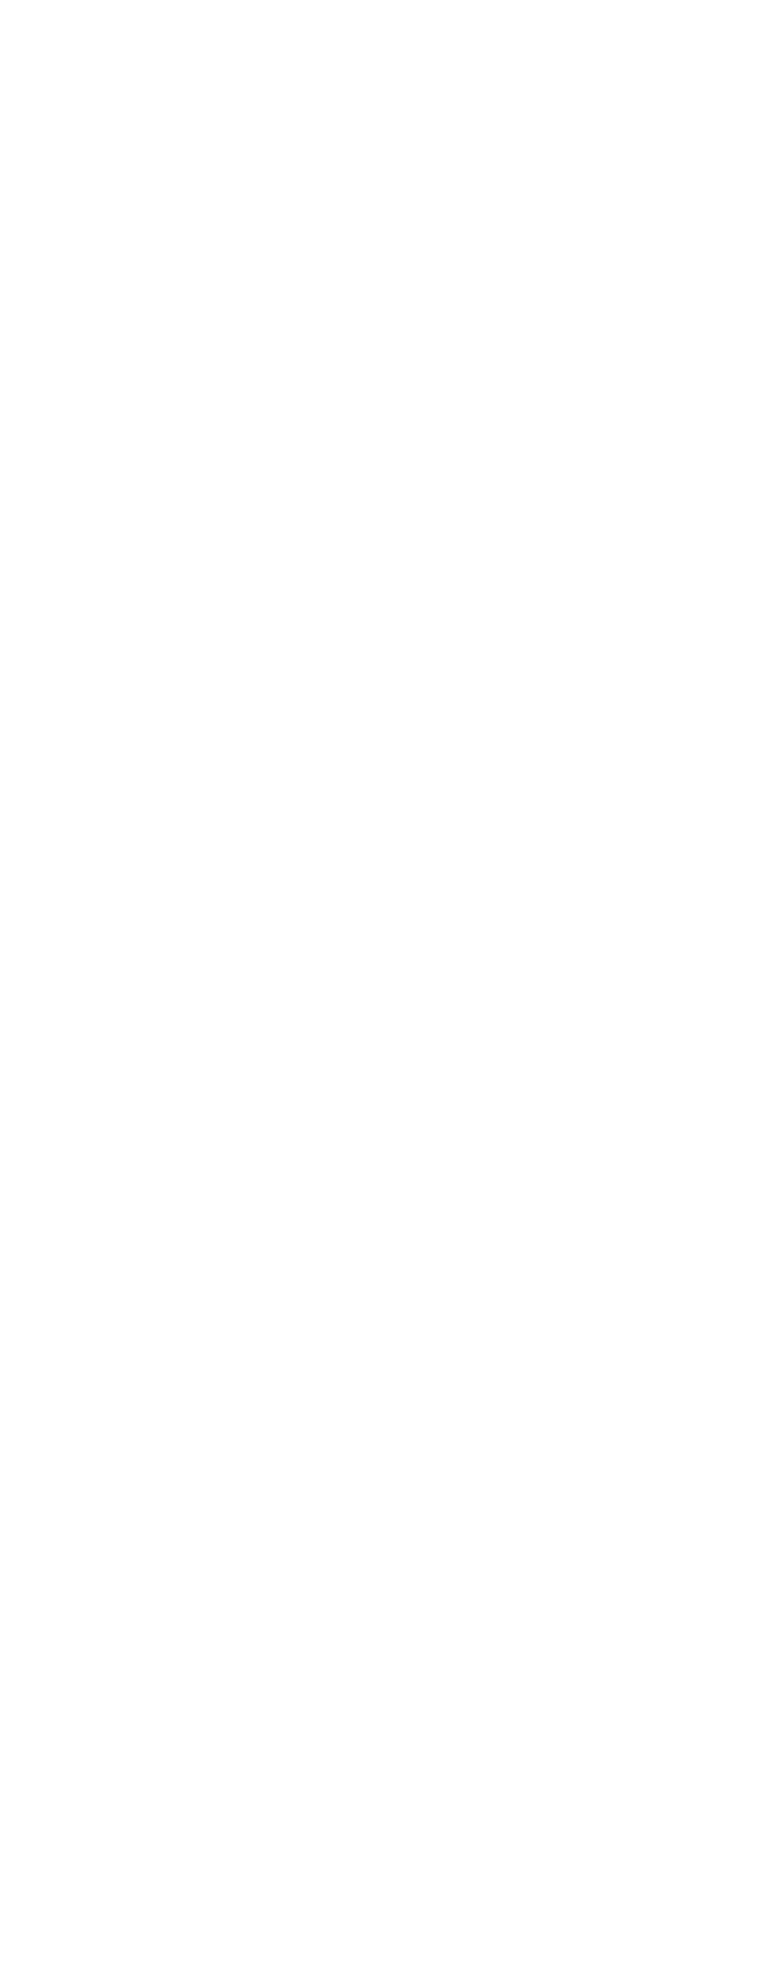 커튼봉브라켓 - 홀트레이드, 3,900원, 커튼부자재, 커튼레일